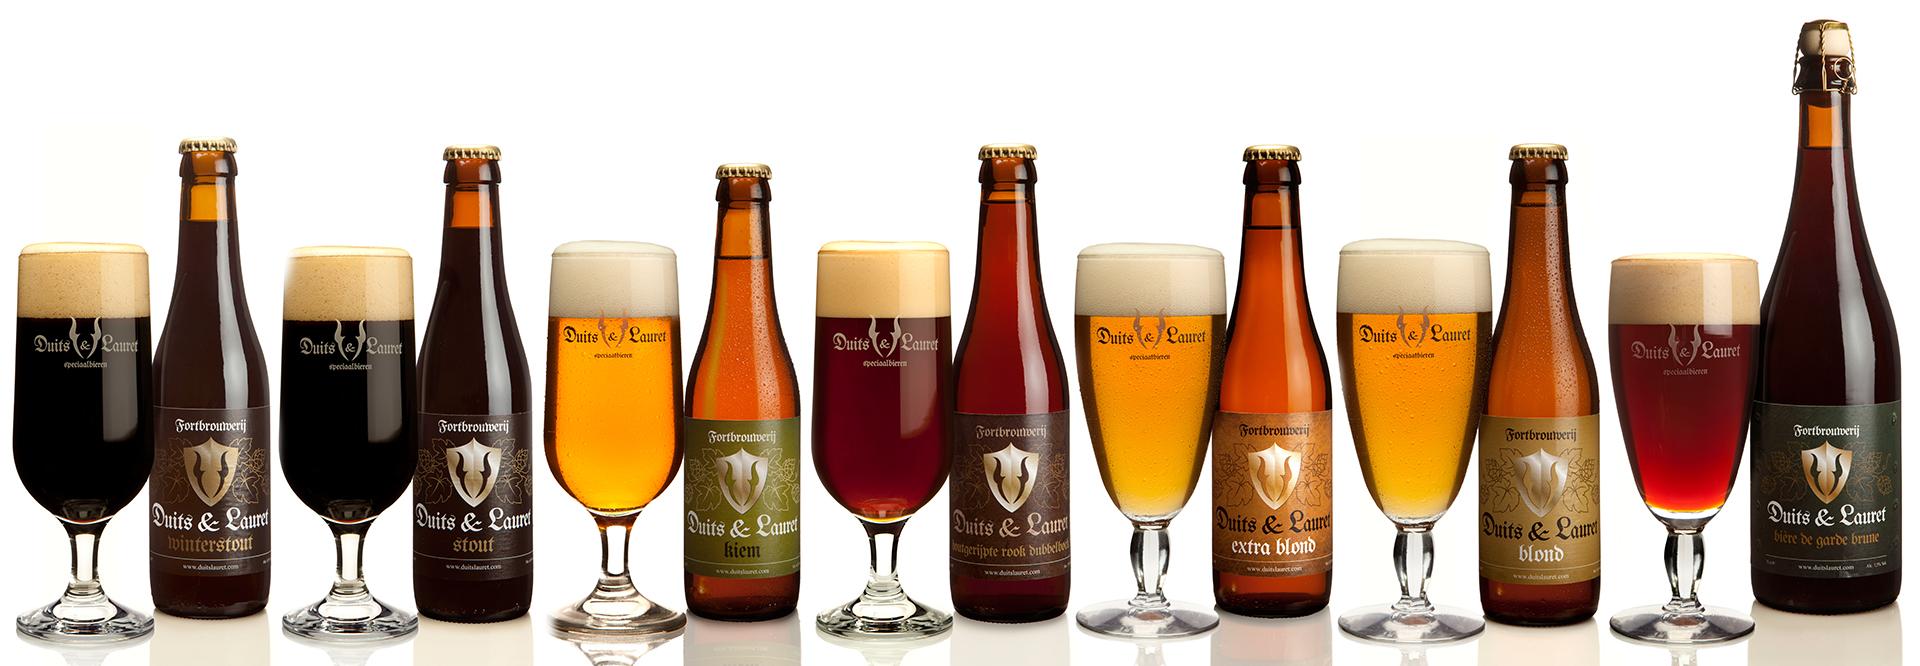 pils-bier-brouwerij-nederland-streekbier-fort-everdingen-duits-lauret-foto-02